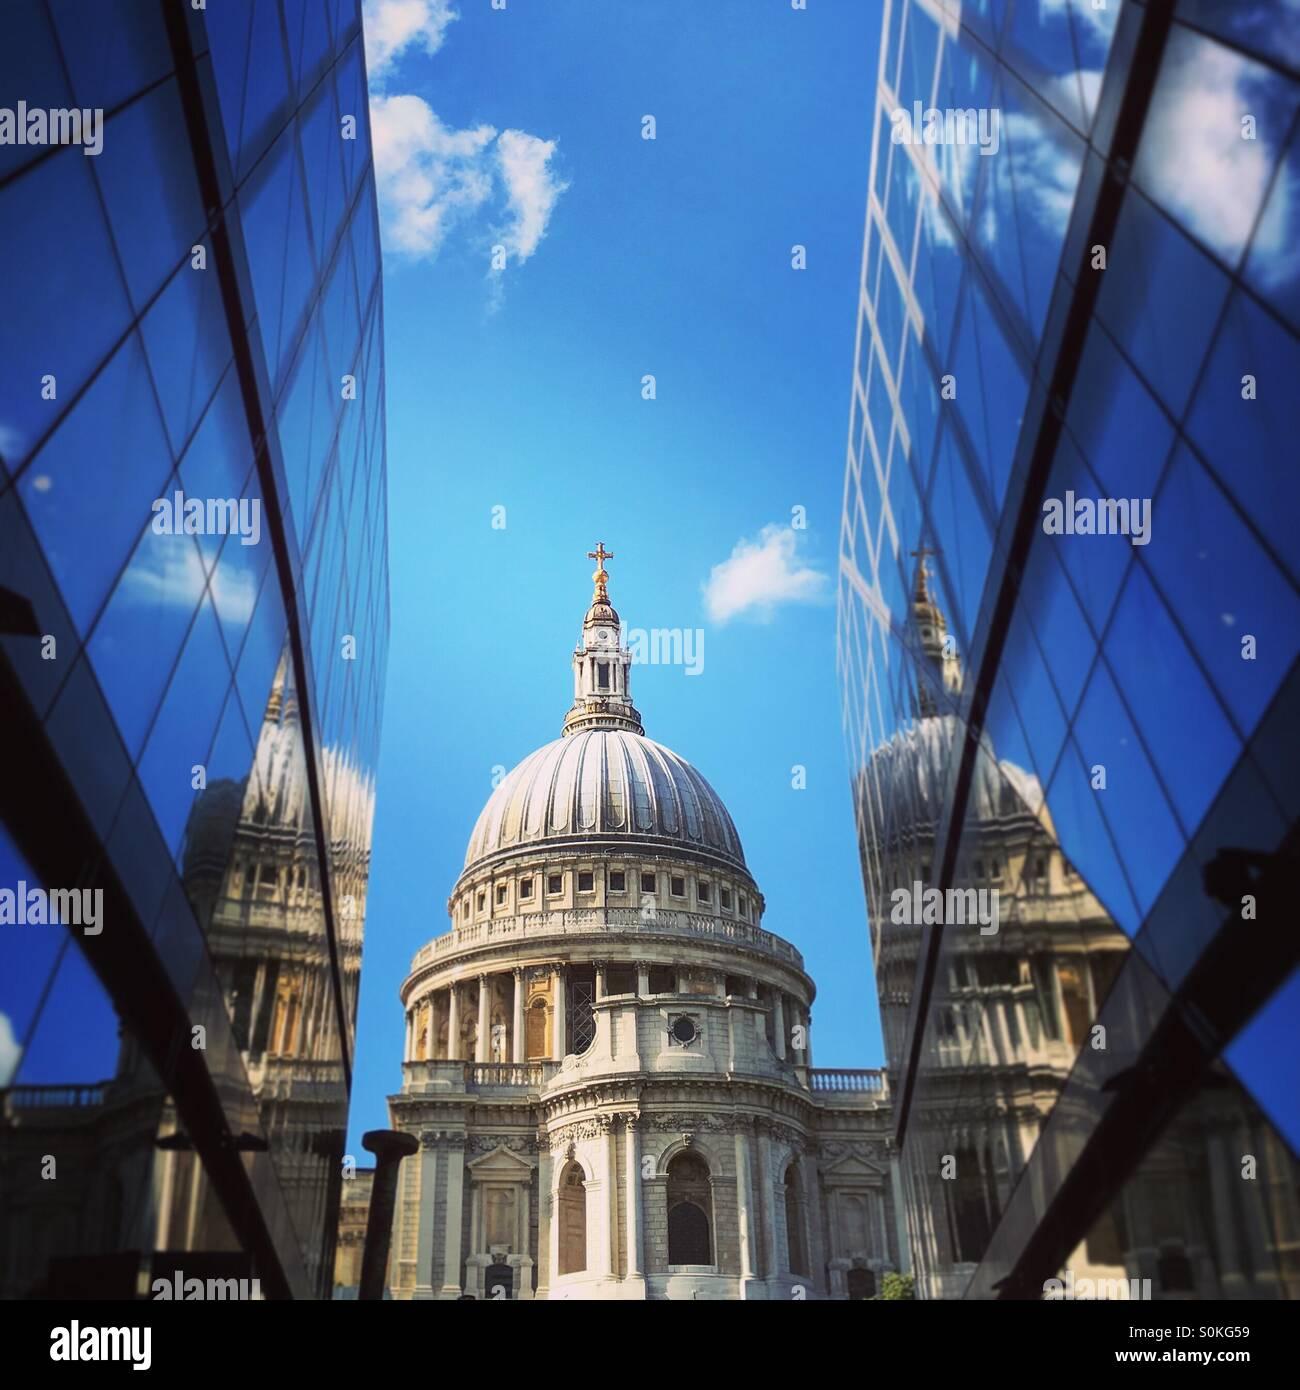 La cupola della cattedrale di San Paolo a sandwich tra il moderno un nuovo sviluppo delle modifiche Immagini Stock